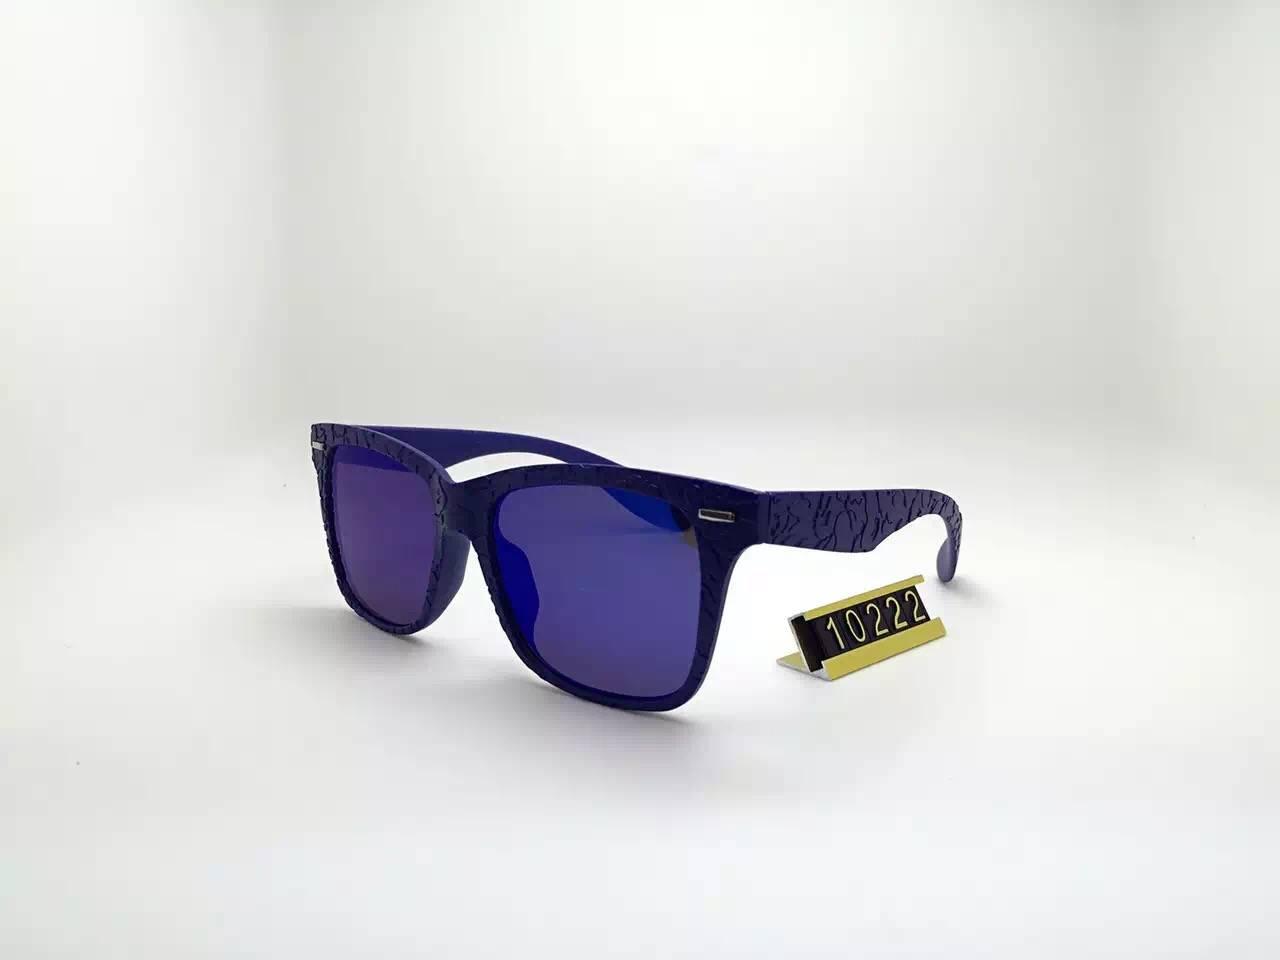 2015 Fashion Promational UV400 Protection Polarized Sunglasses